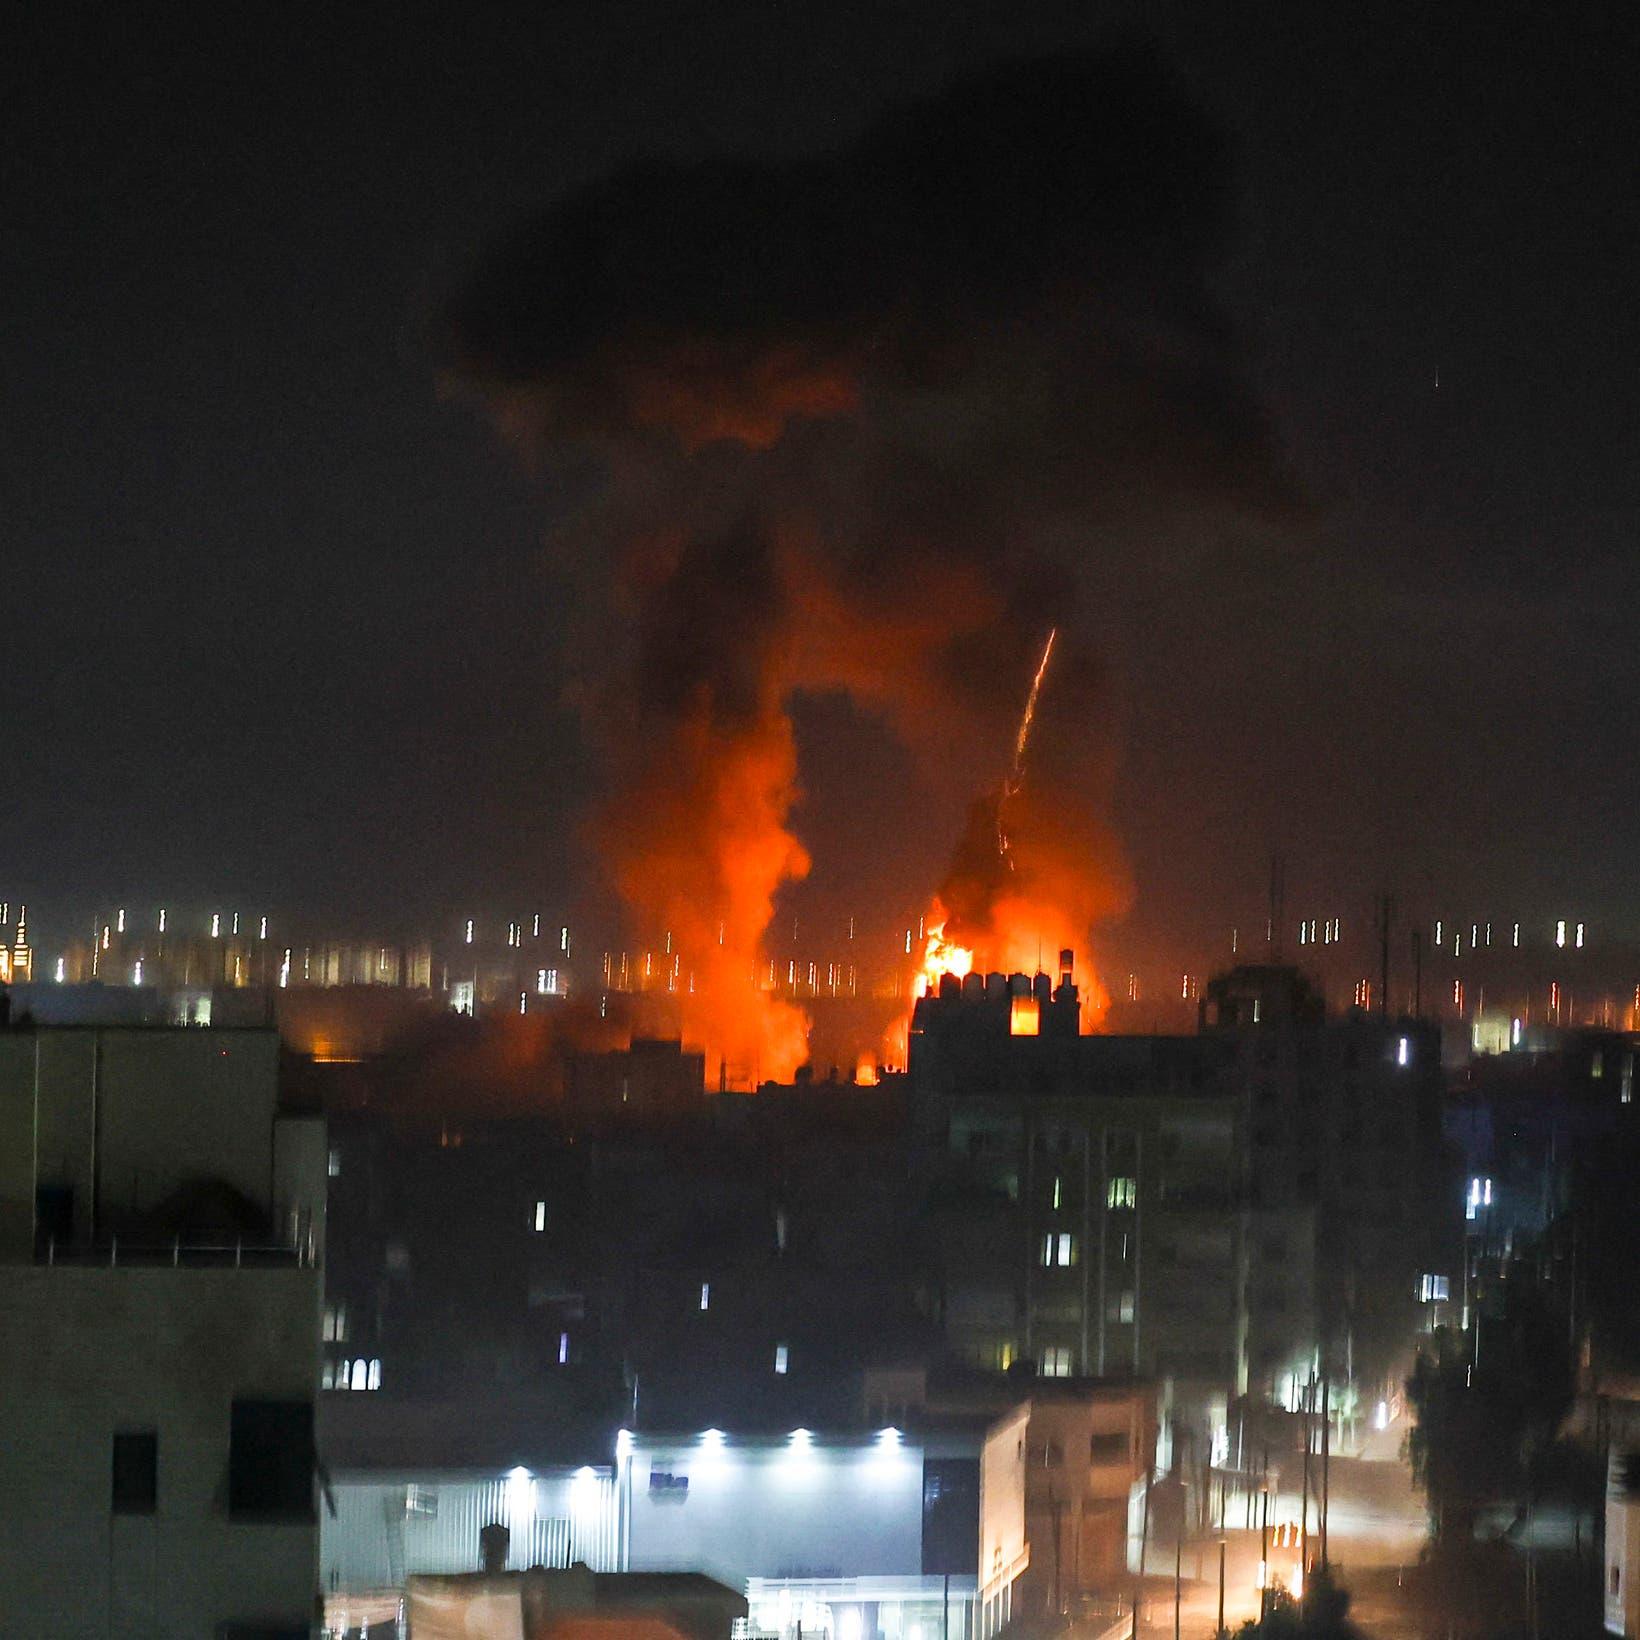 غارات إسرائيلية مكثفة على مراكز عسكرية وتدريبية لحماس في غزة